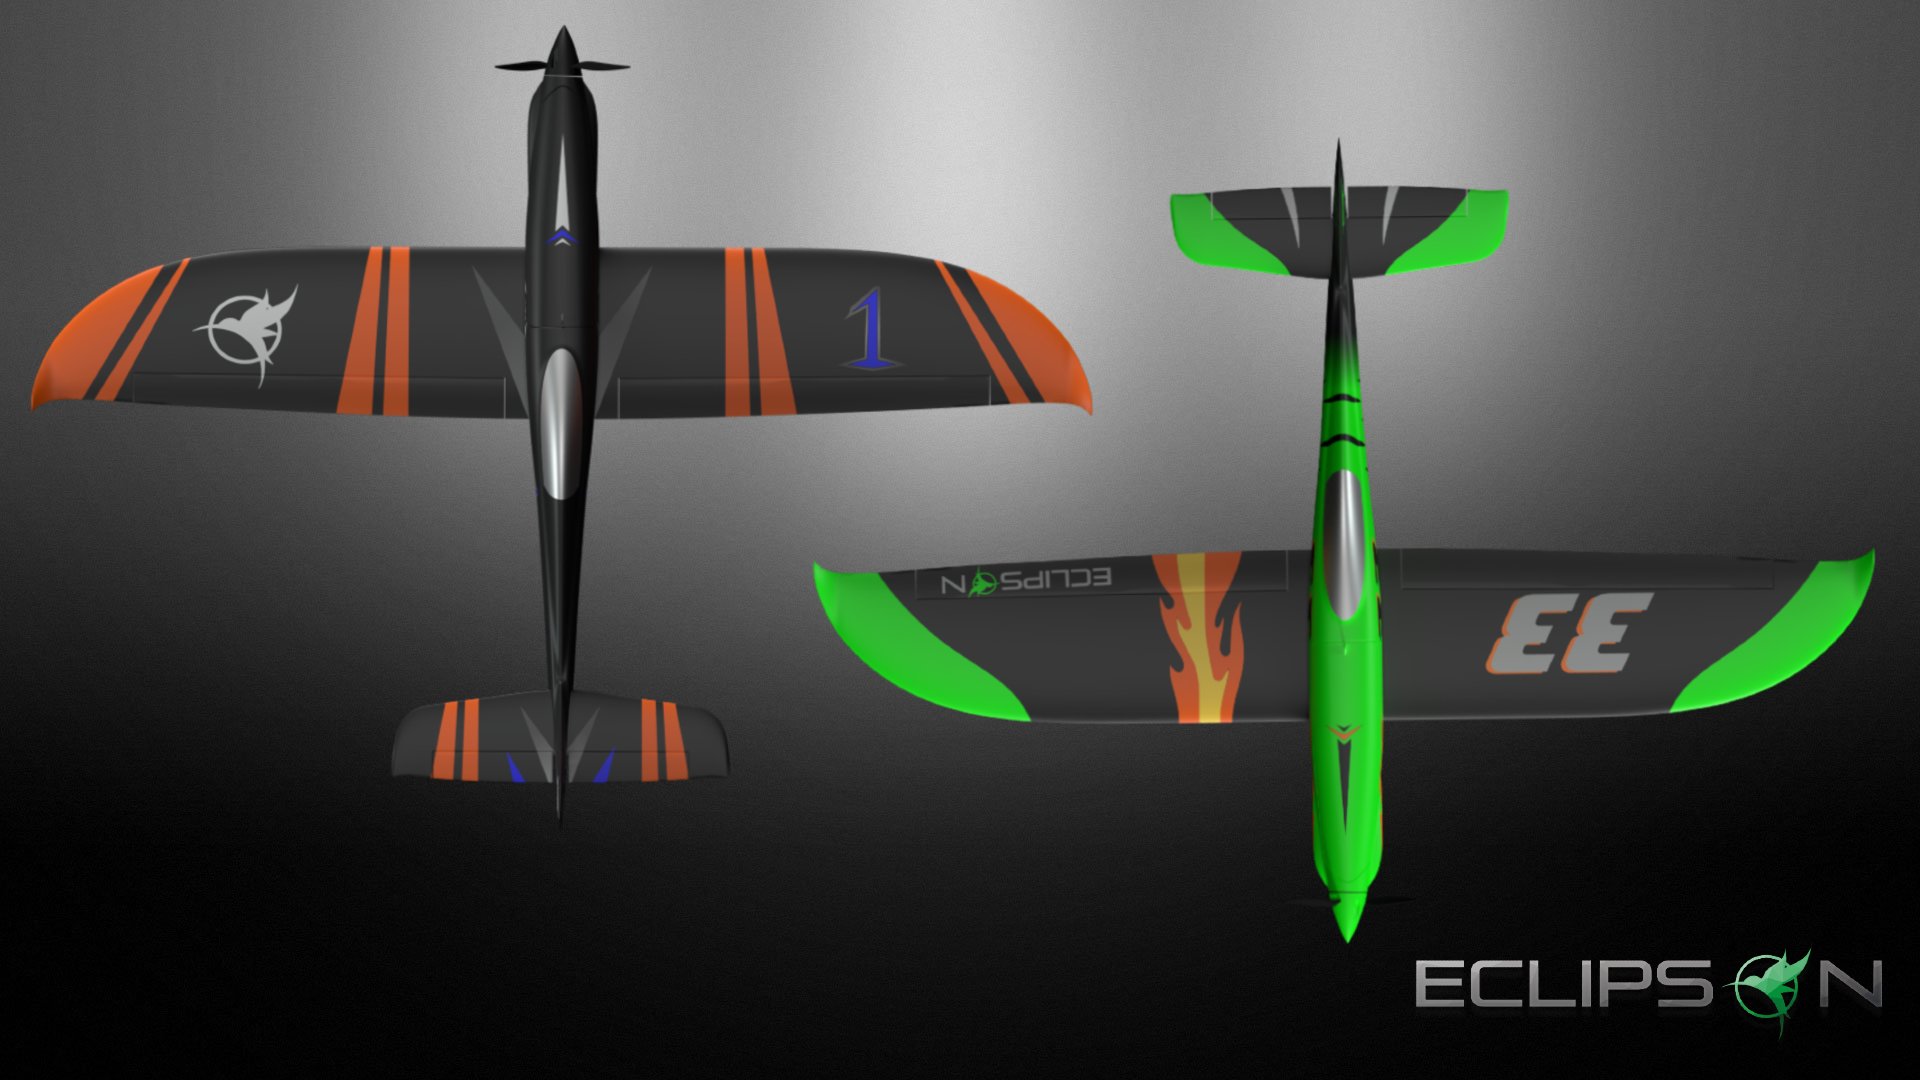 2 scheme designs